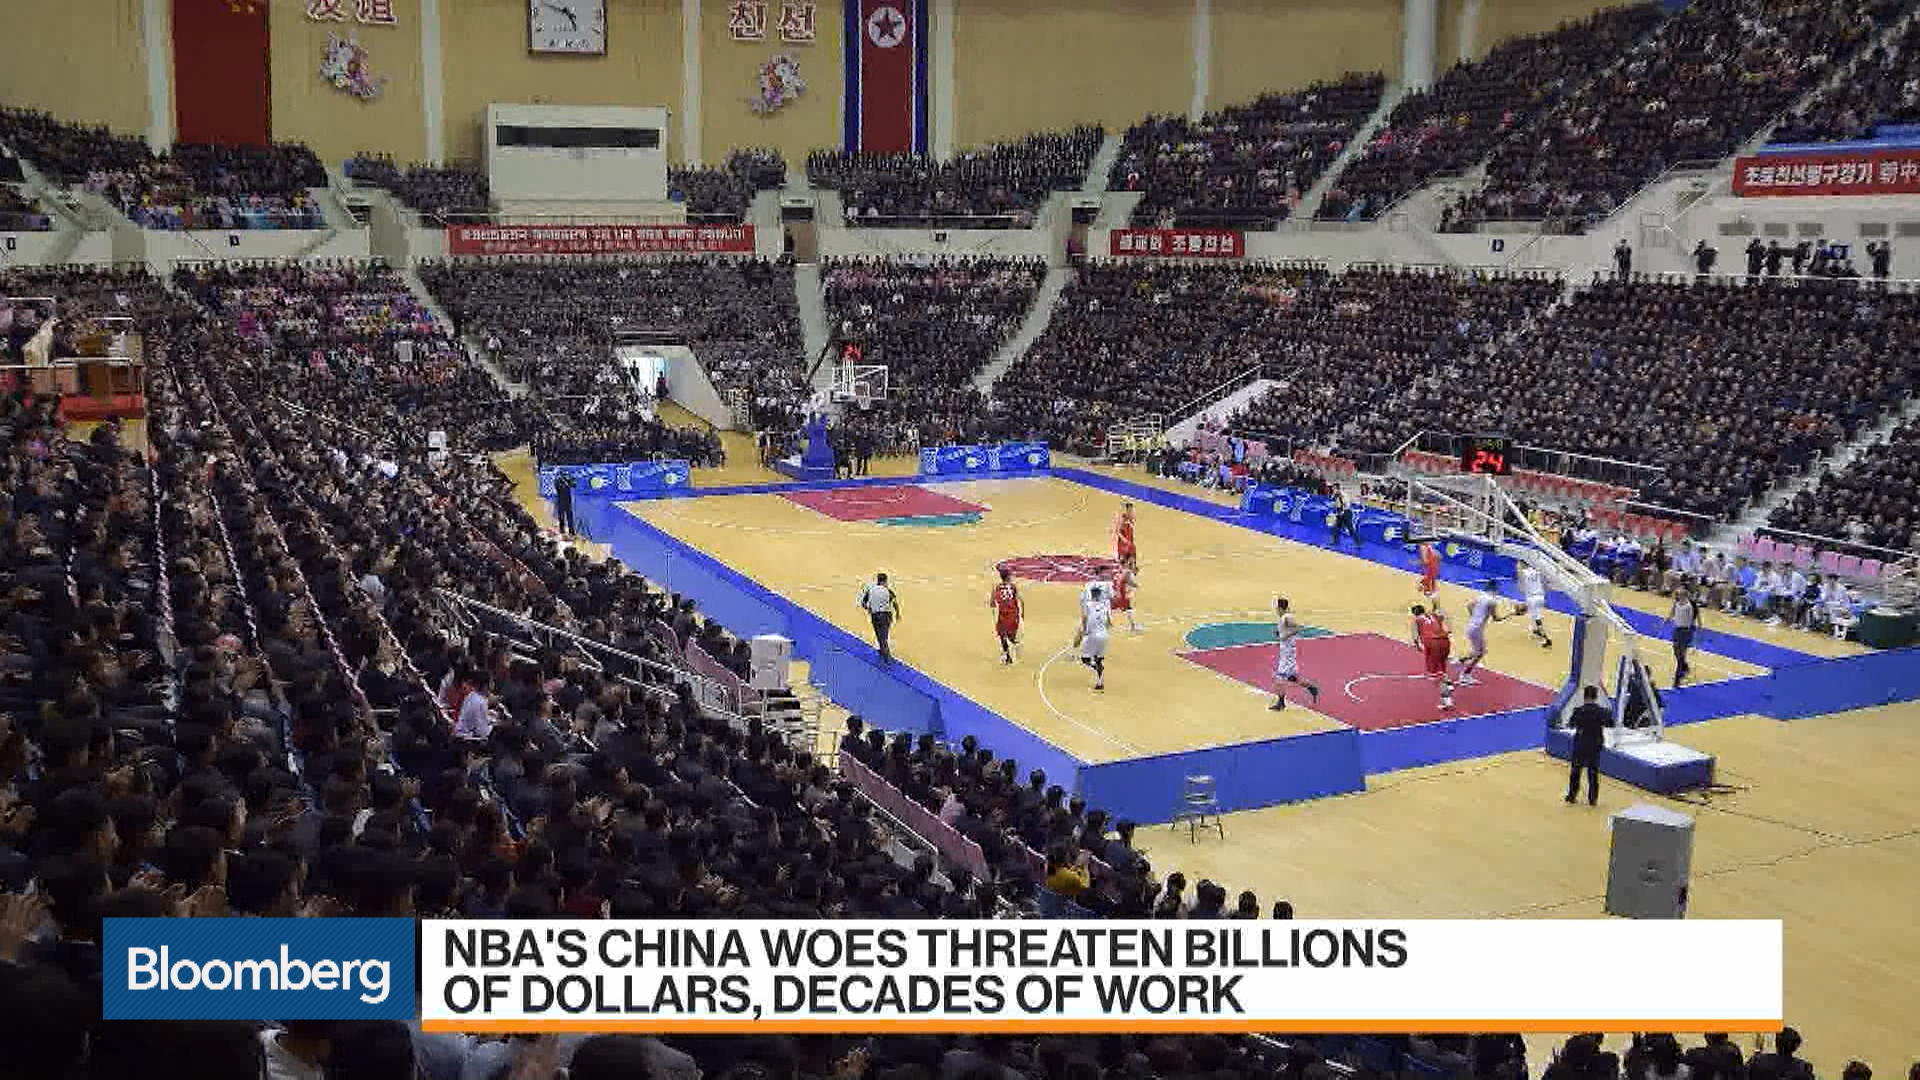 NBA Losing Major Chinese Sponsors